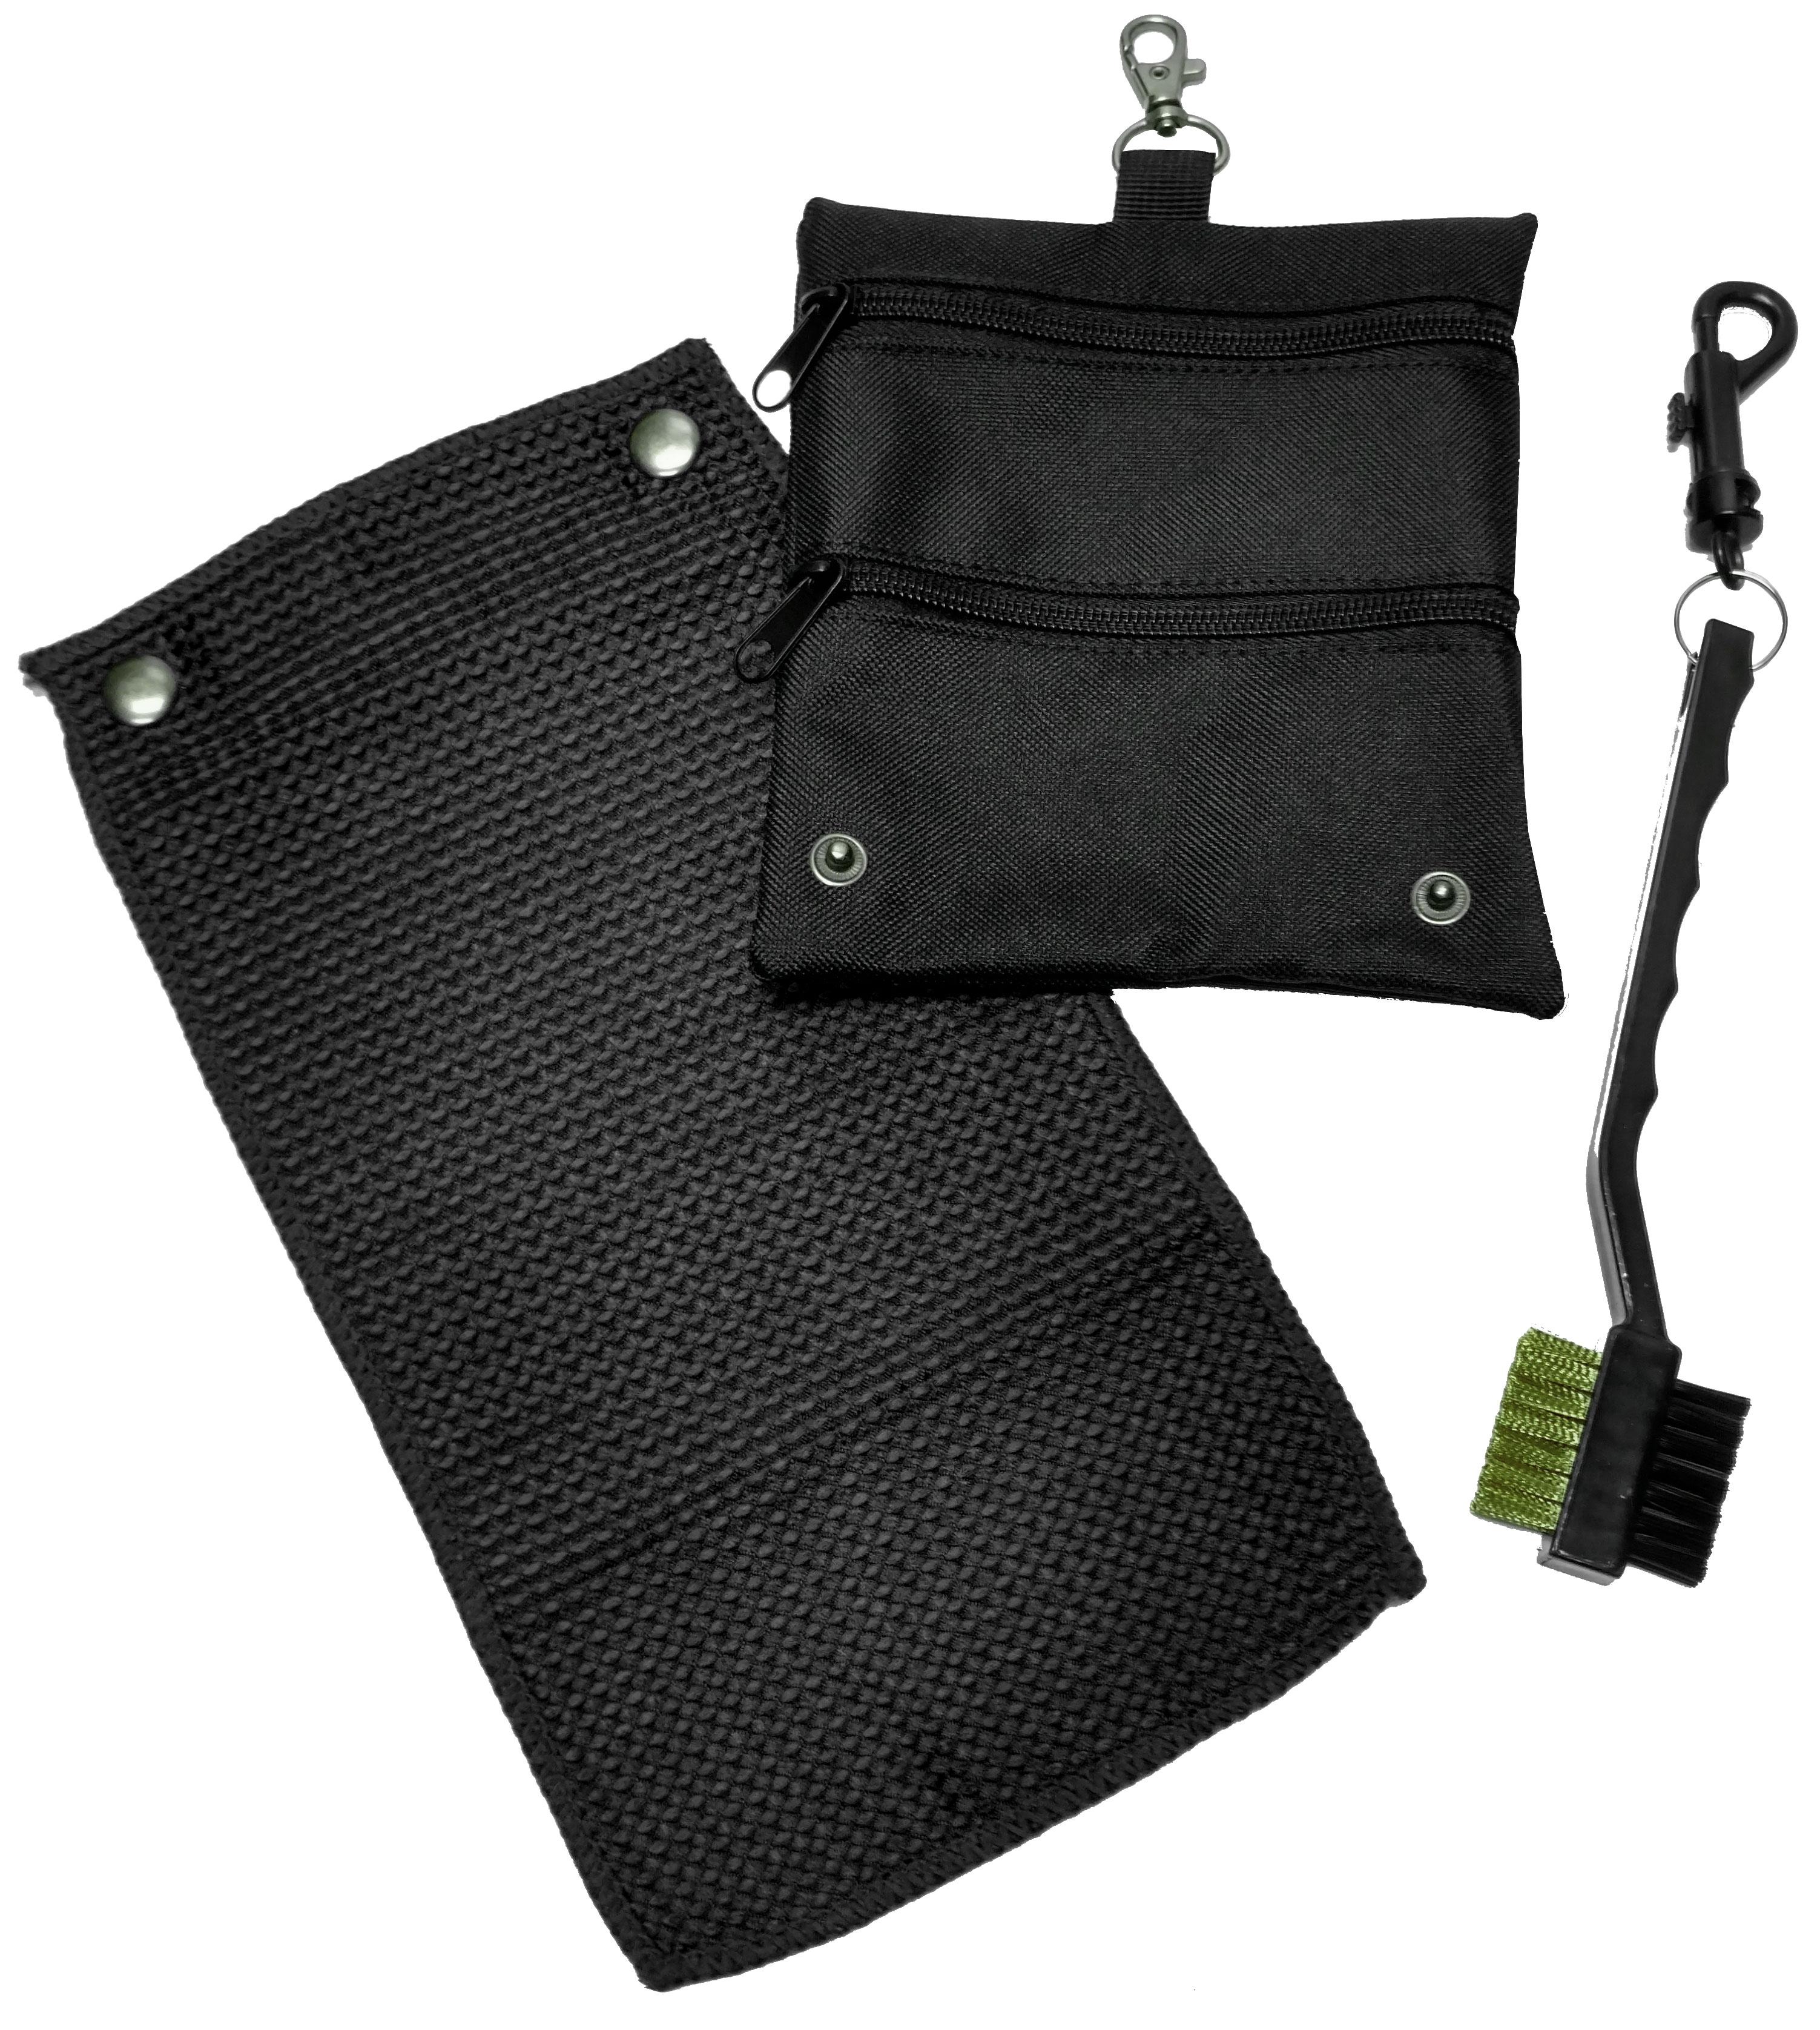 Caddy Daddy Golf Golf Accessory Bag Towel Brush Set image